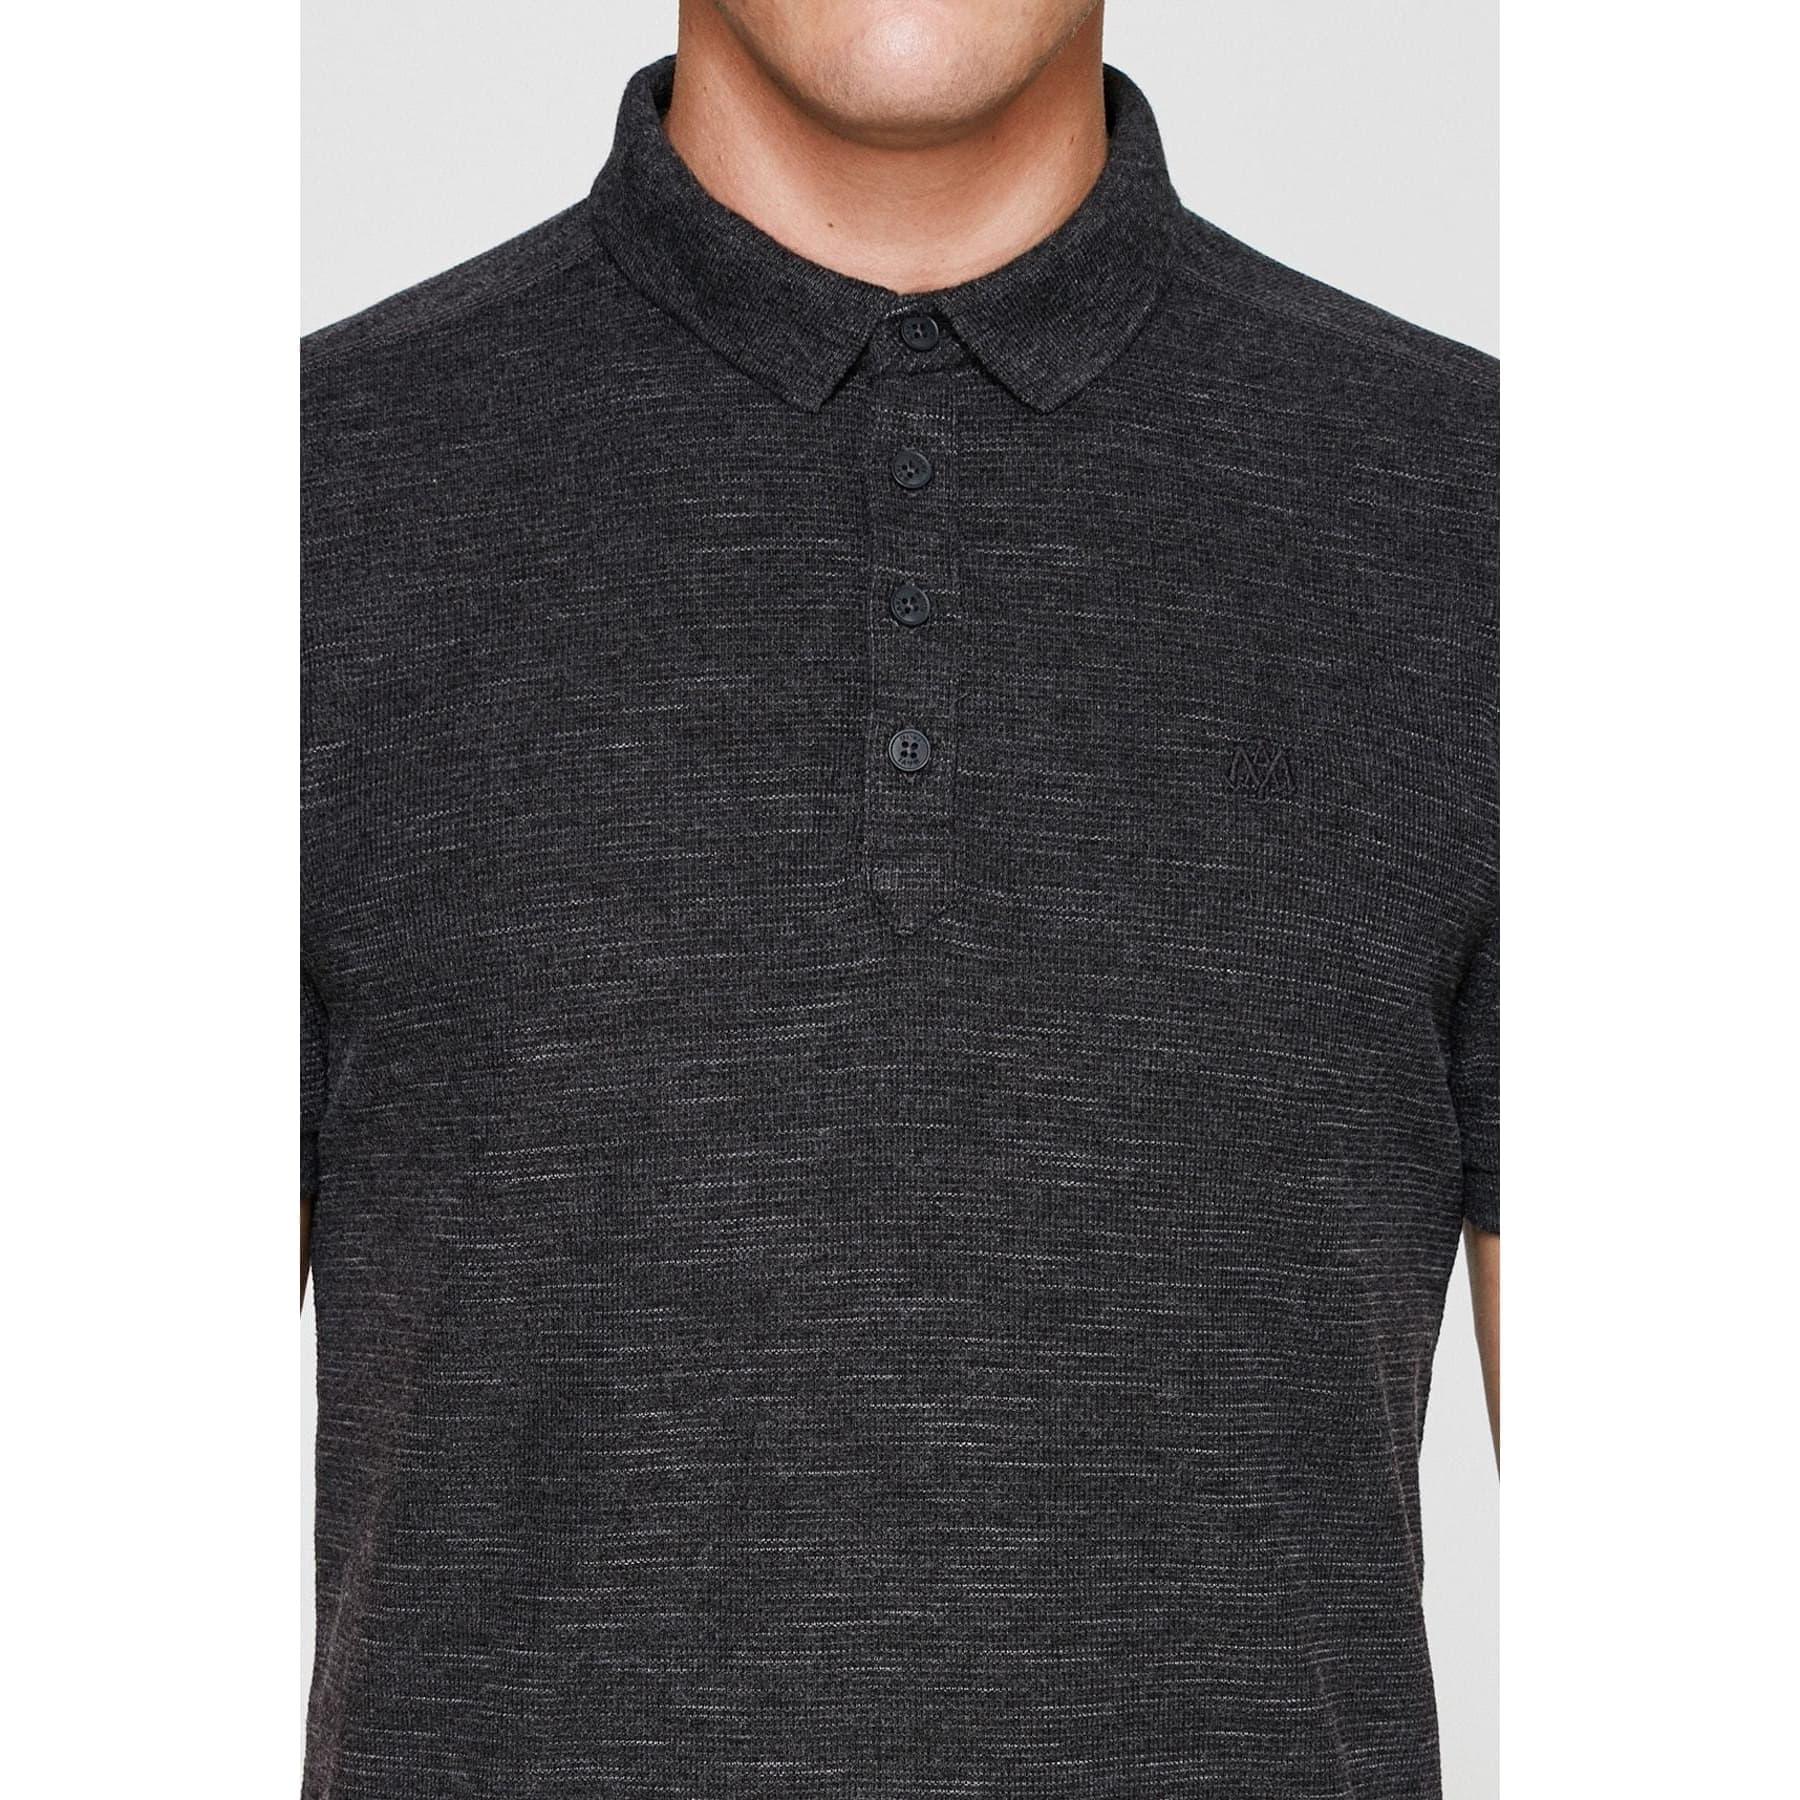 Polo Tişört Koyu Gri Melanj